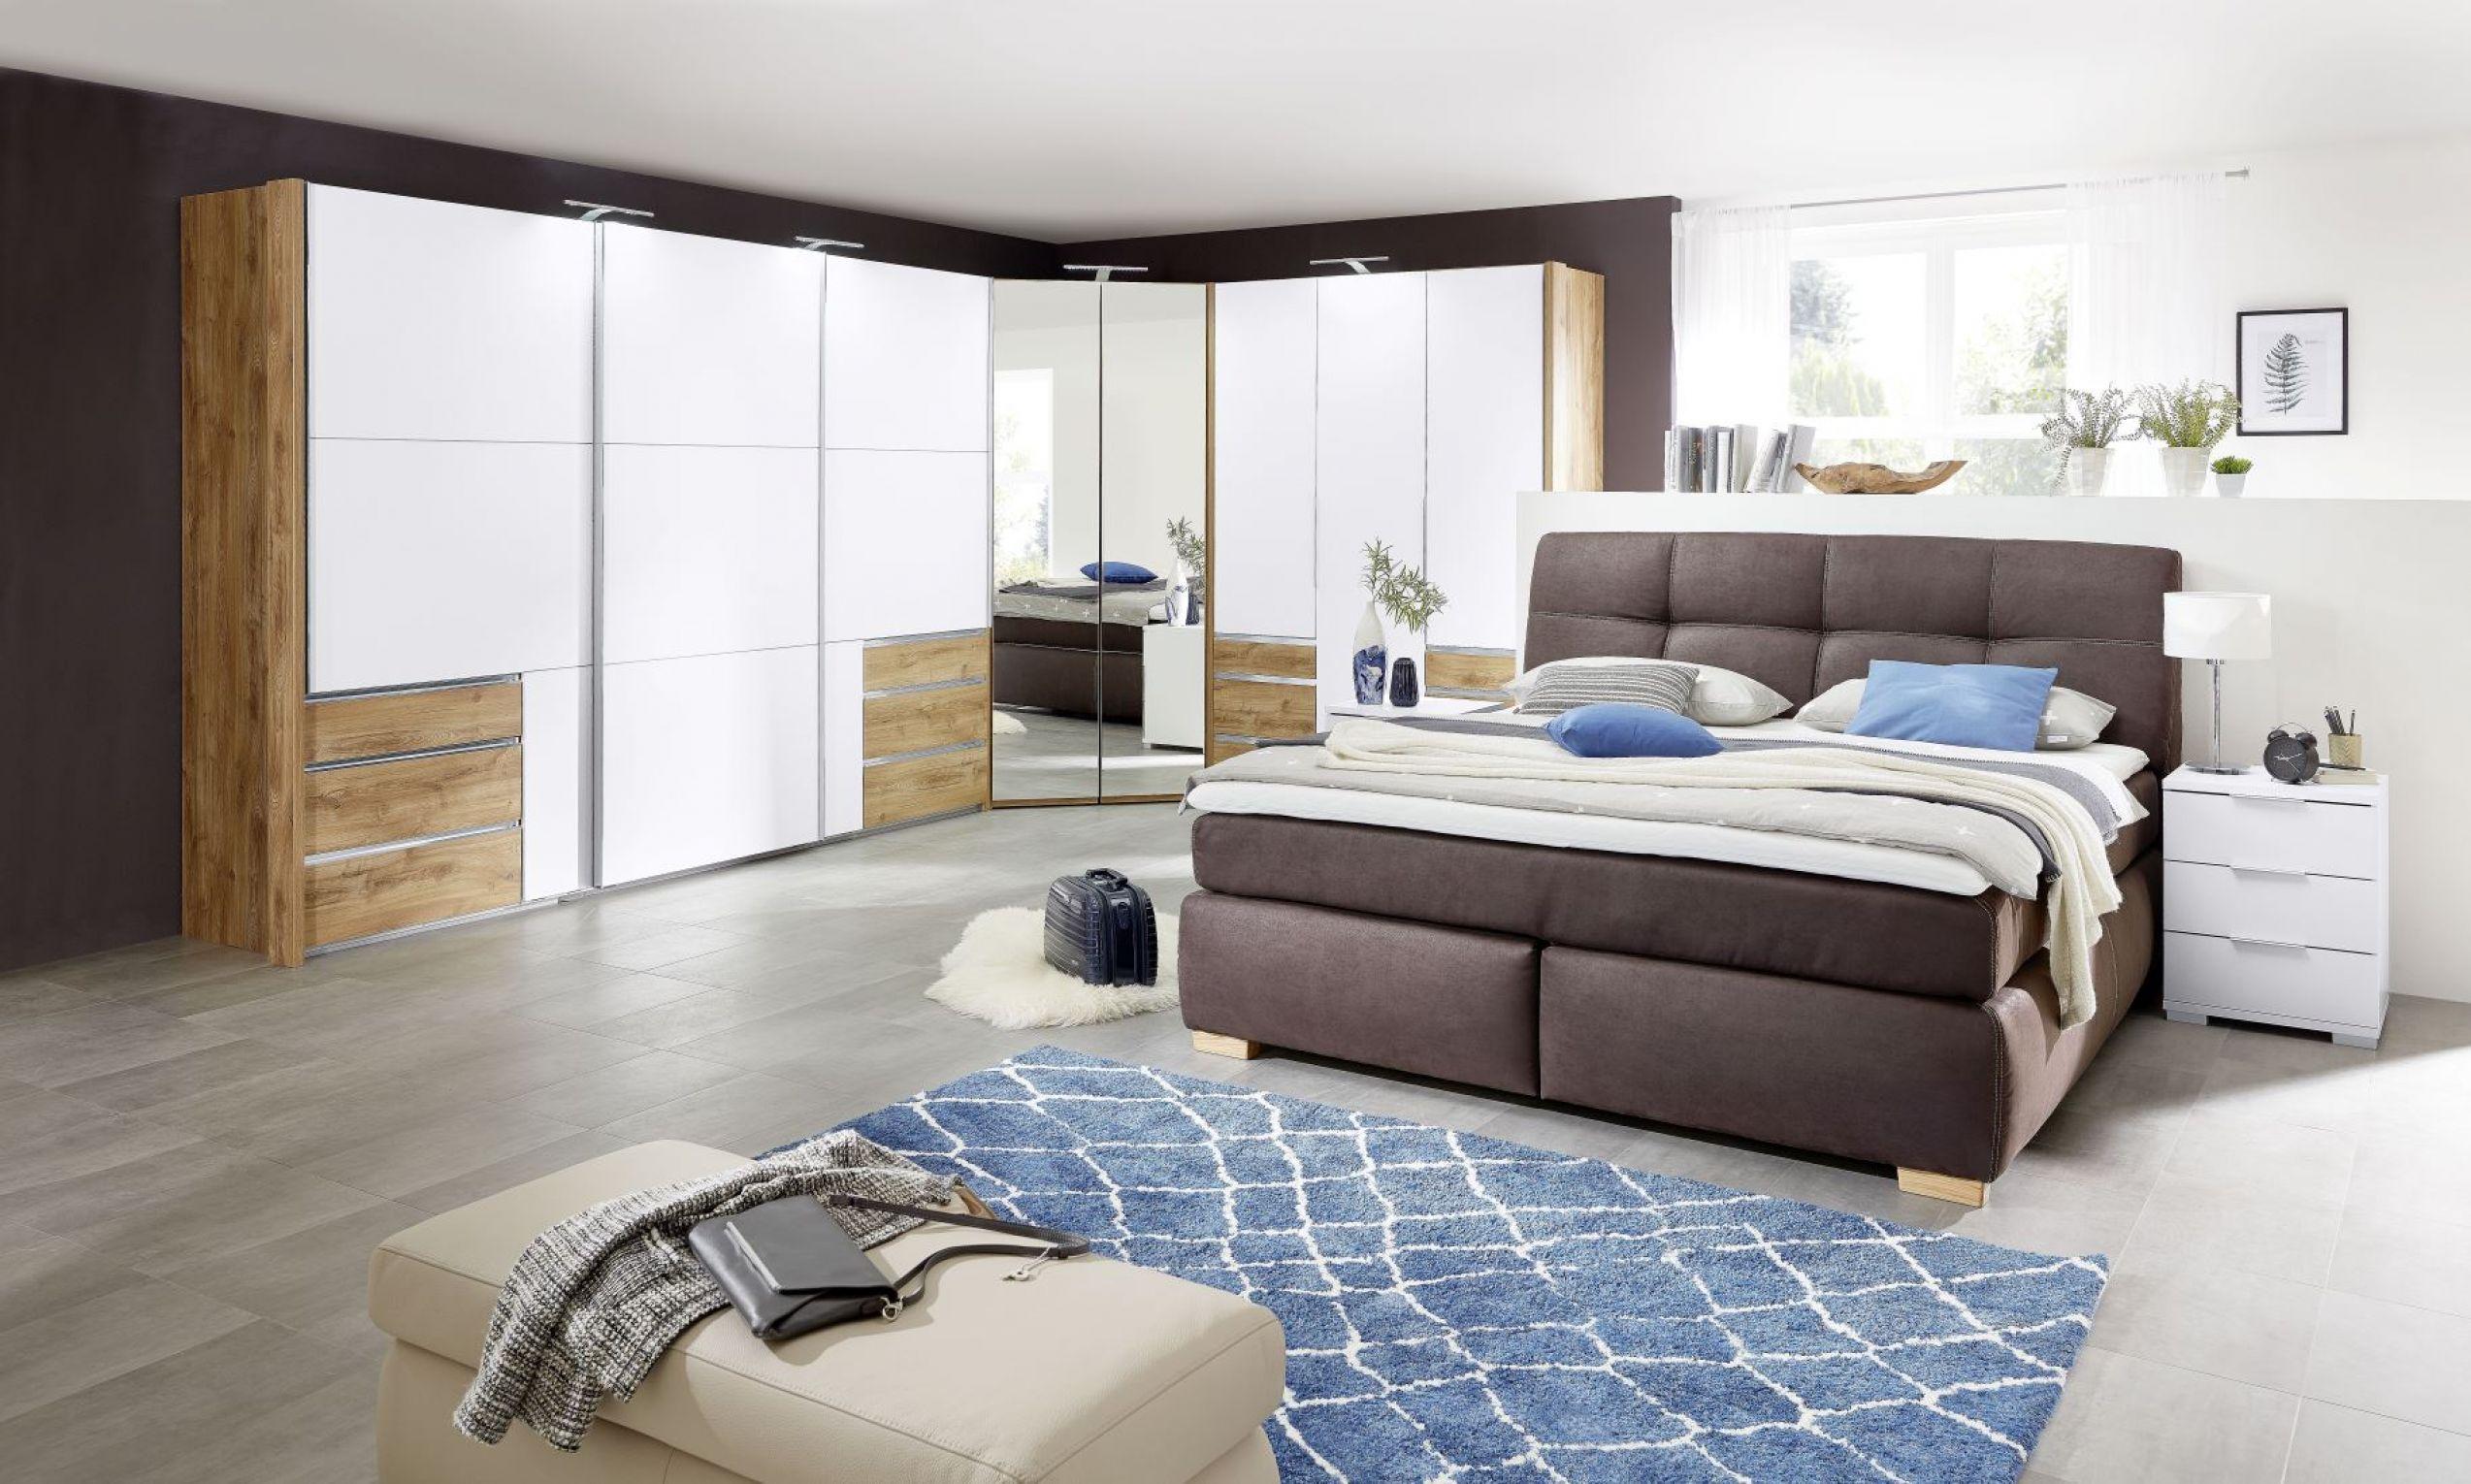 Full Size of überbau Schlafzimmer Modern Betten Zu Top Preisen Ansehen Mbel As Günstig Rauch Wiemann Moderne Esstische Stehlampe Günstige Komplett Kommode Weiß Regal Wohnzimmer überbau Schlafzimmer Modern